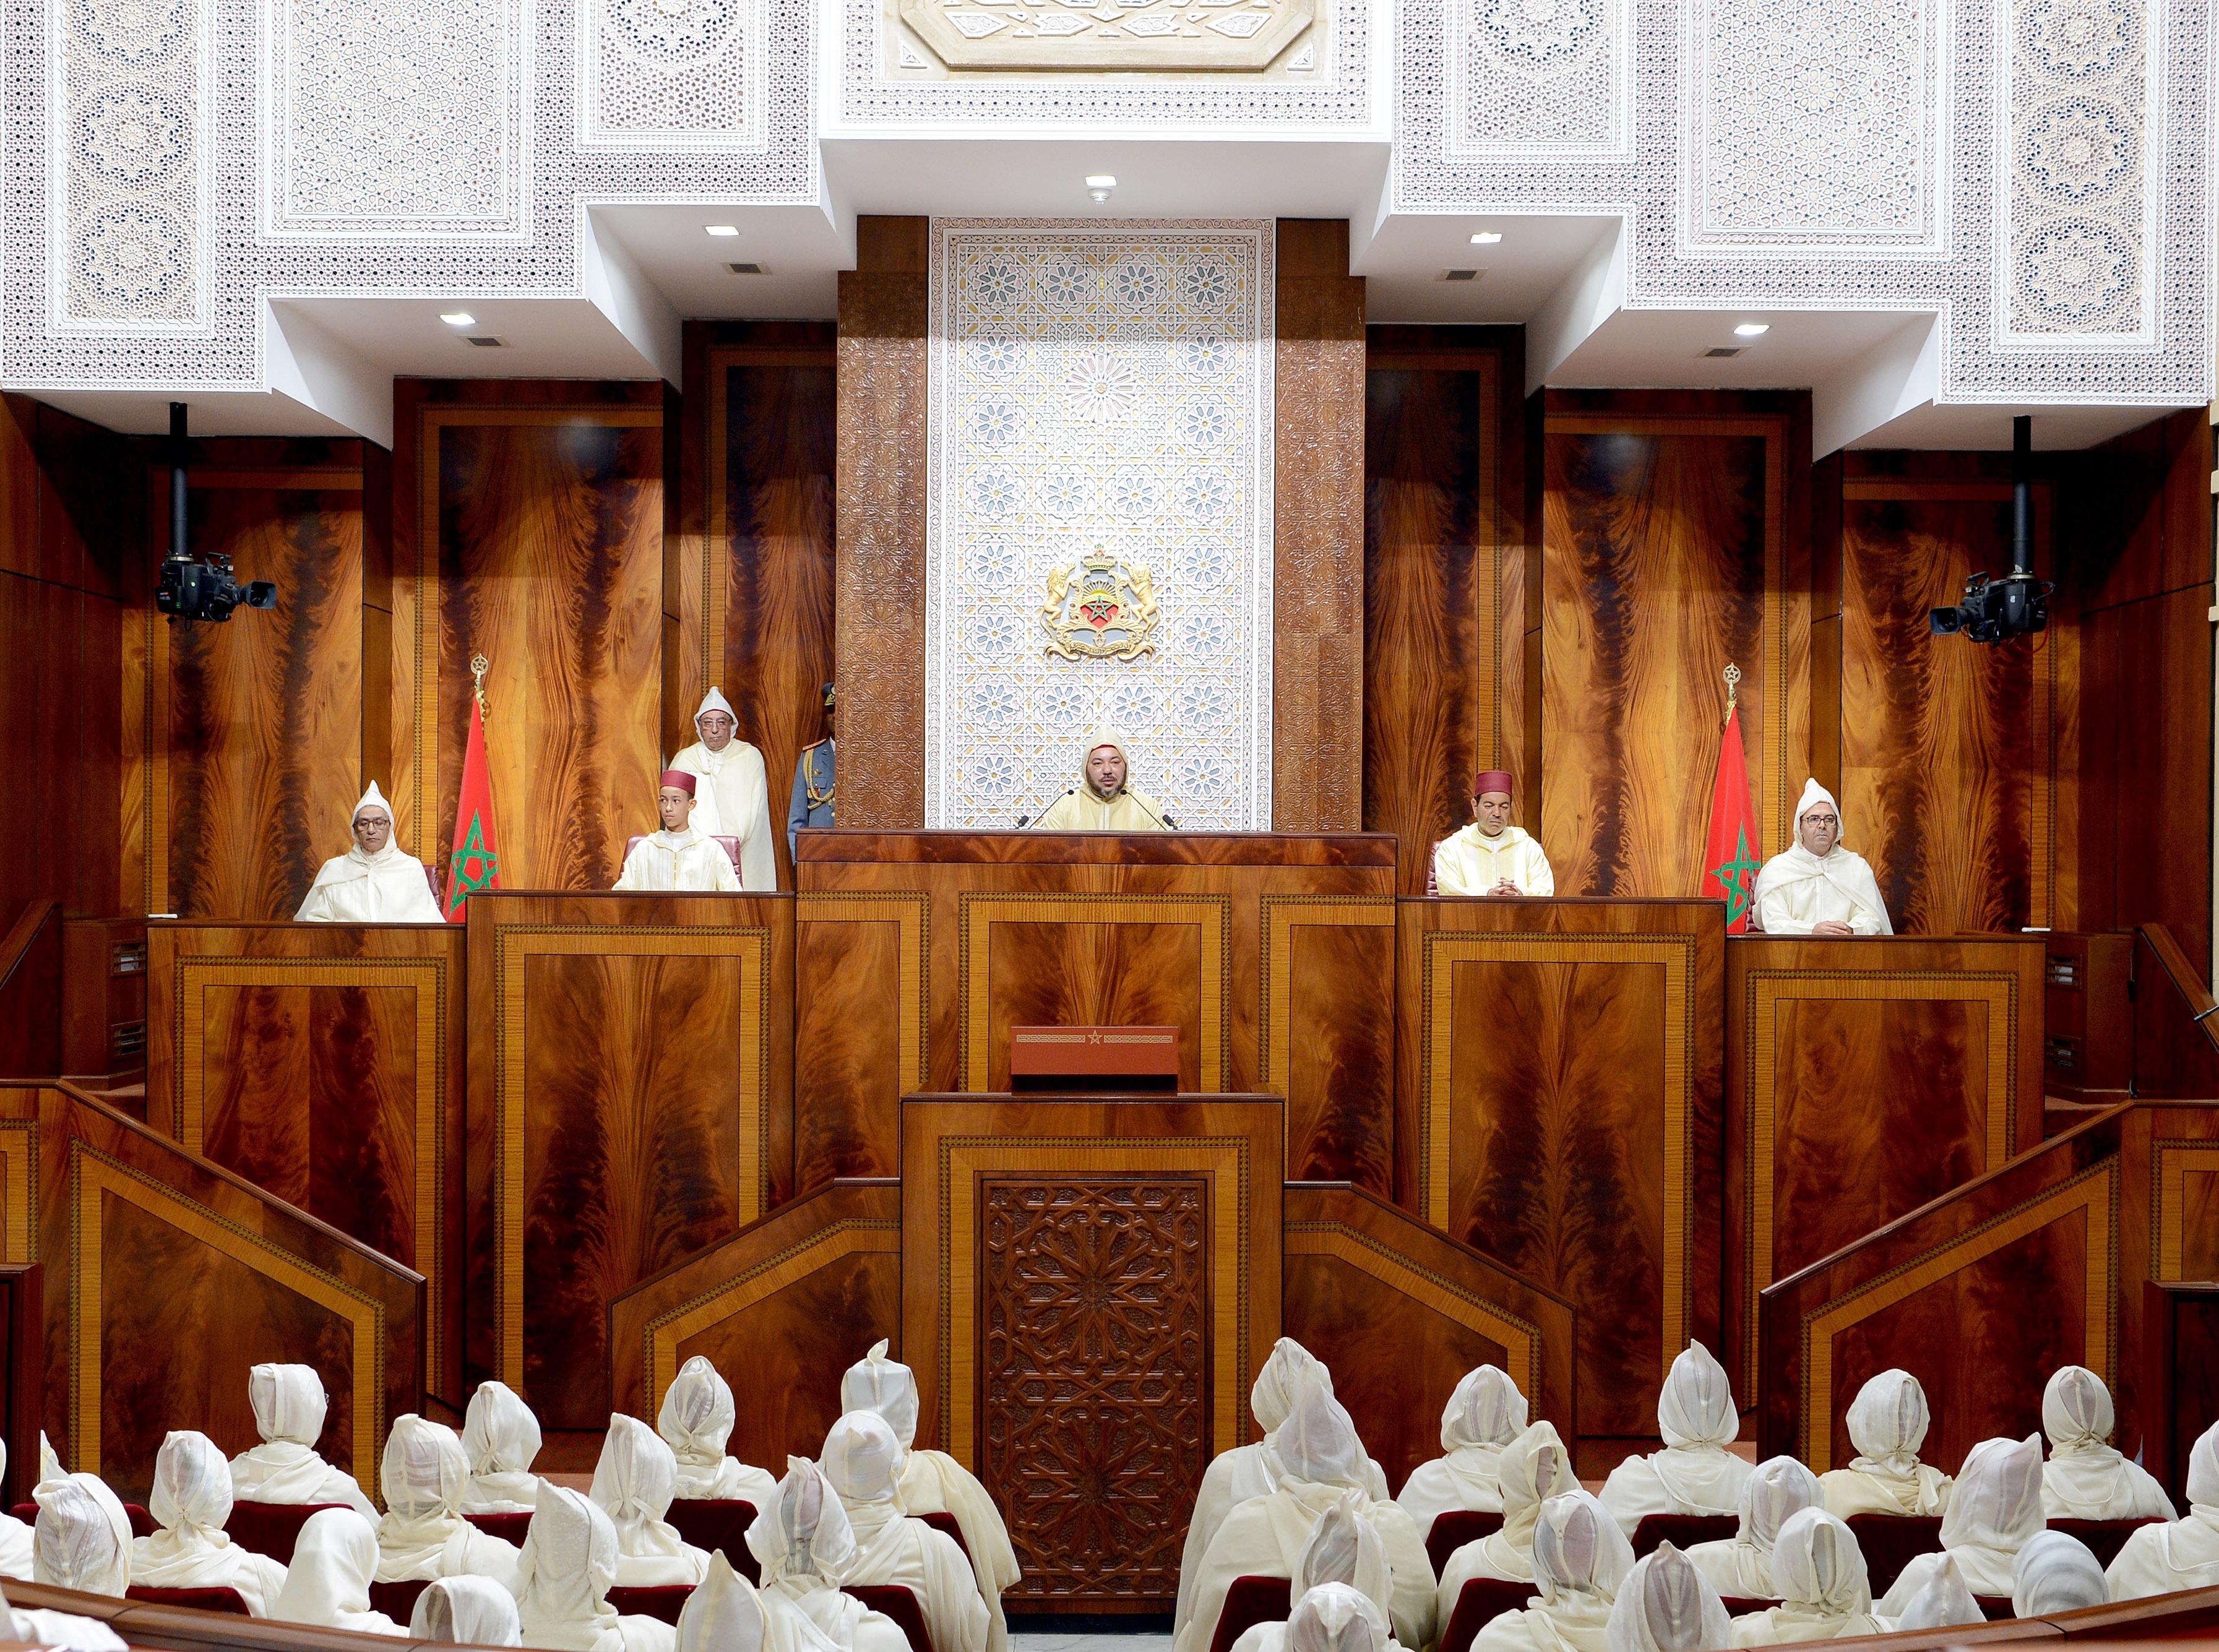 الملك يفتتح البرلمان غداً الجمعة و ضوابط صارمة تُفرض على 'نواب الأمة' !